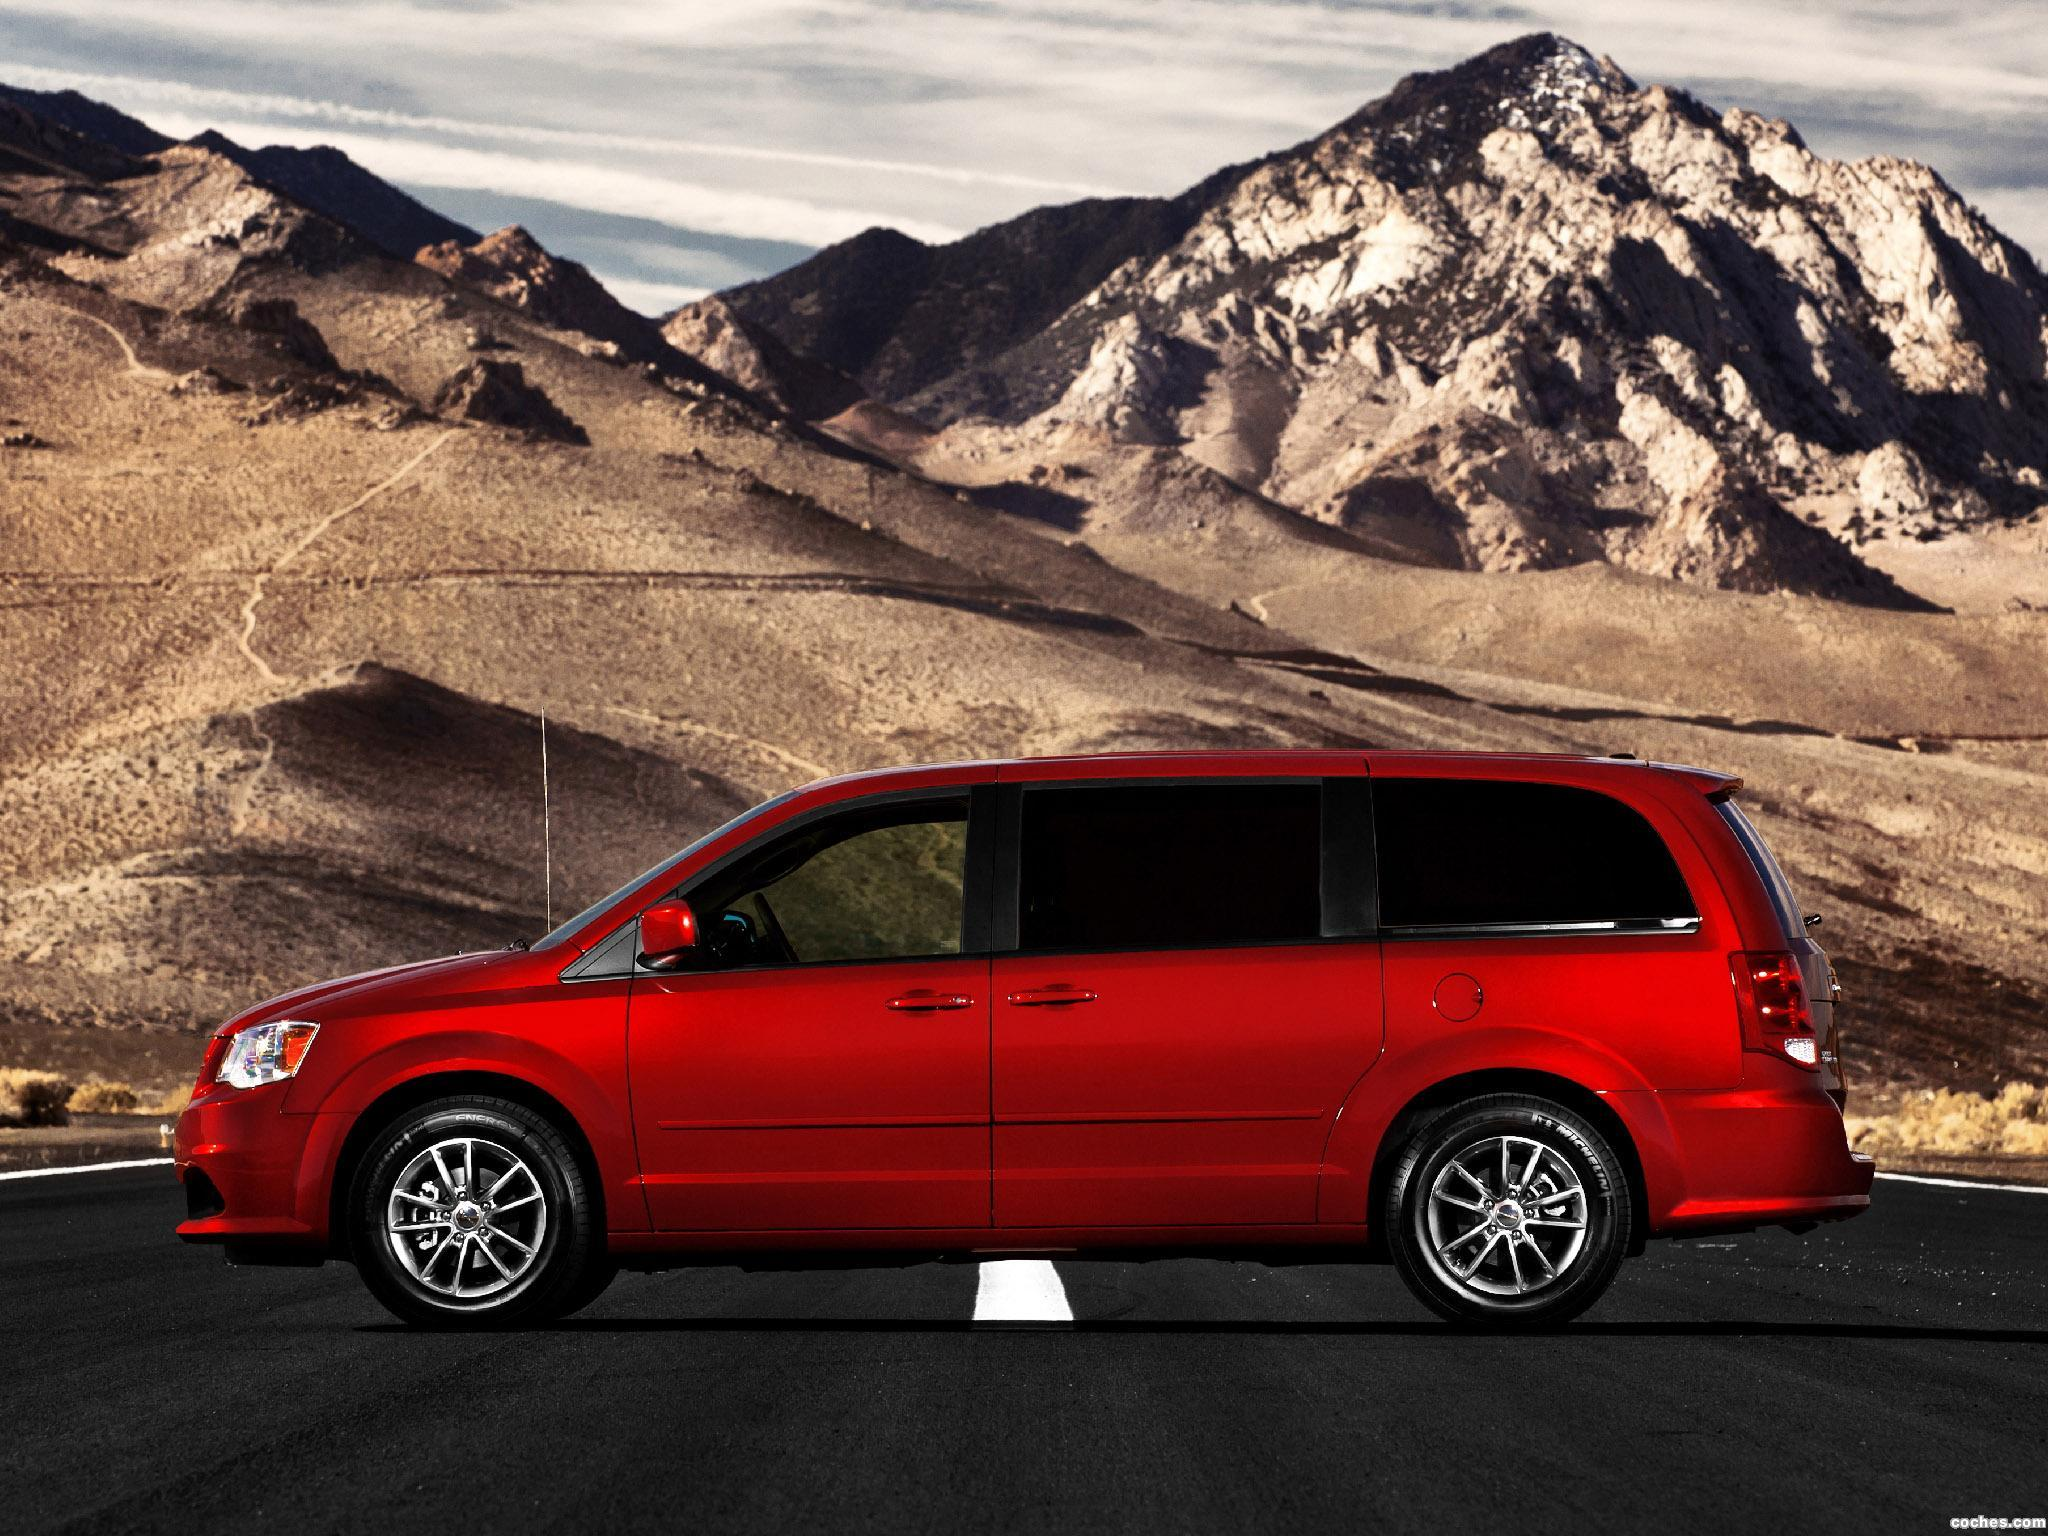 Foto 1 de Dodge Grand Caravan R-T 2011